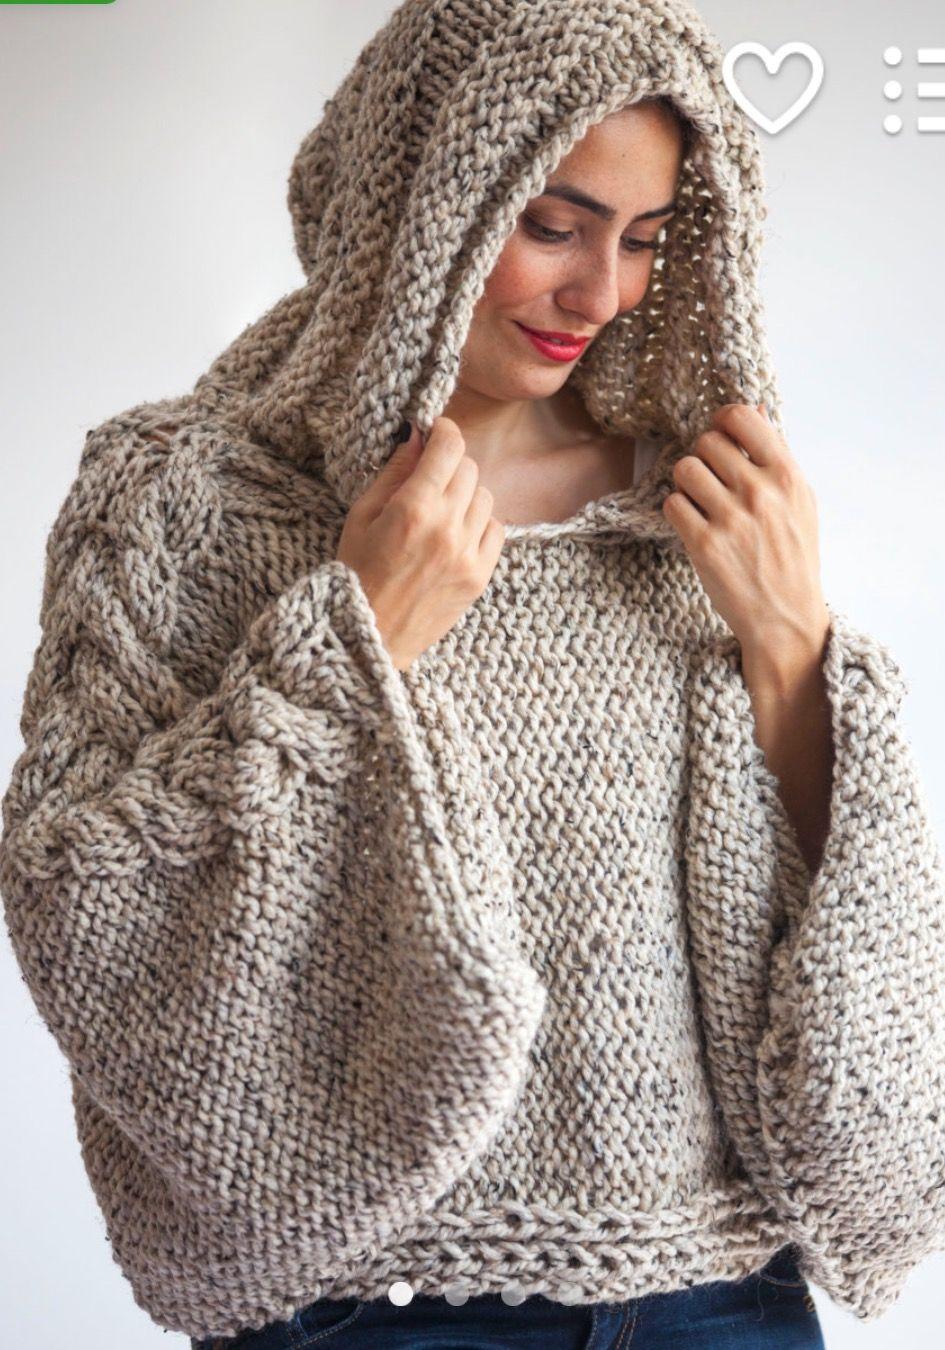 Pin von Monica Virag auf Love my Hoodies & Sweaters | Pinterest ...